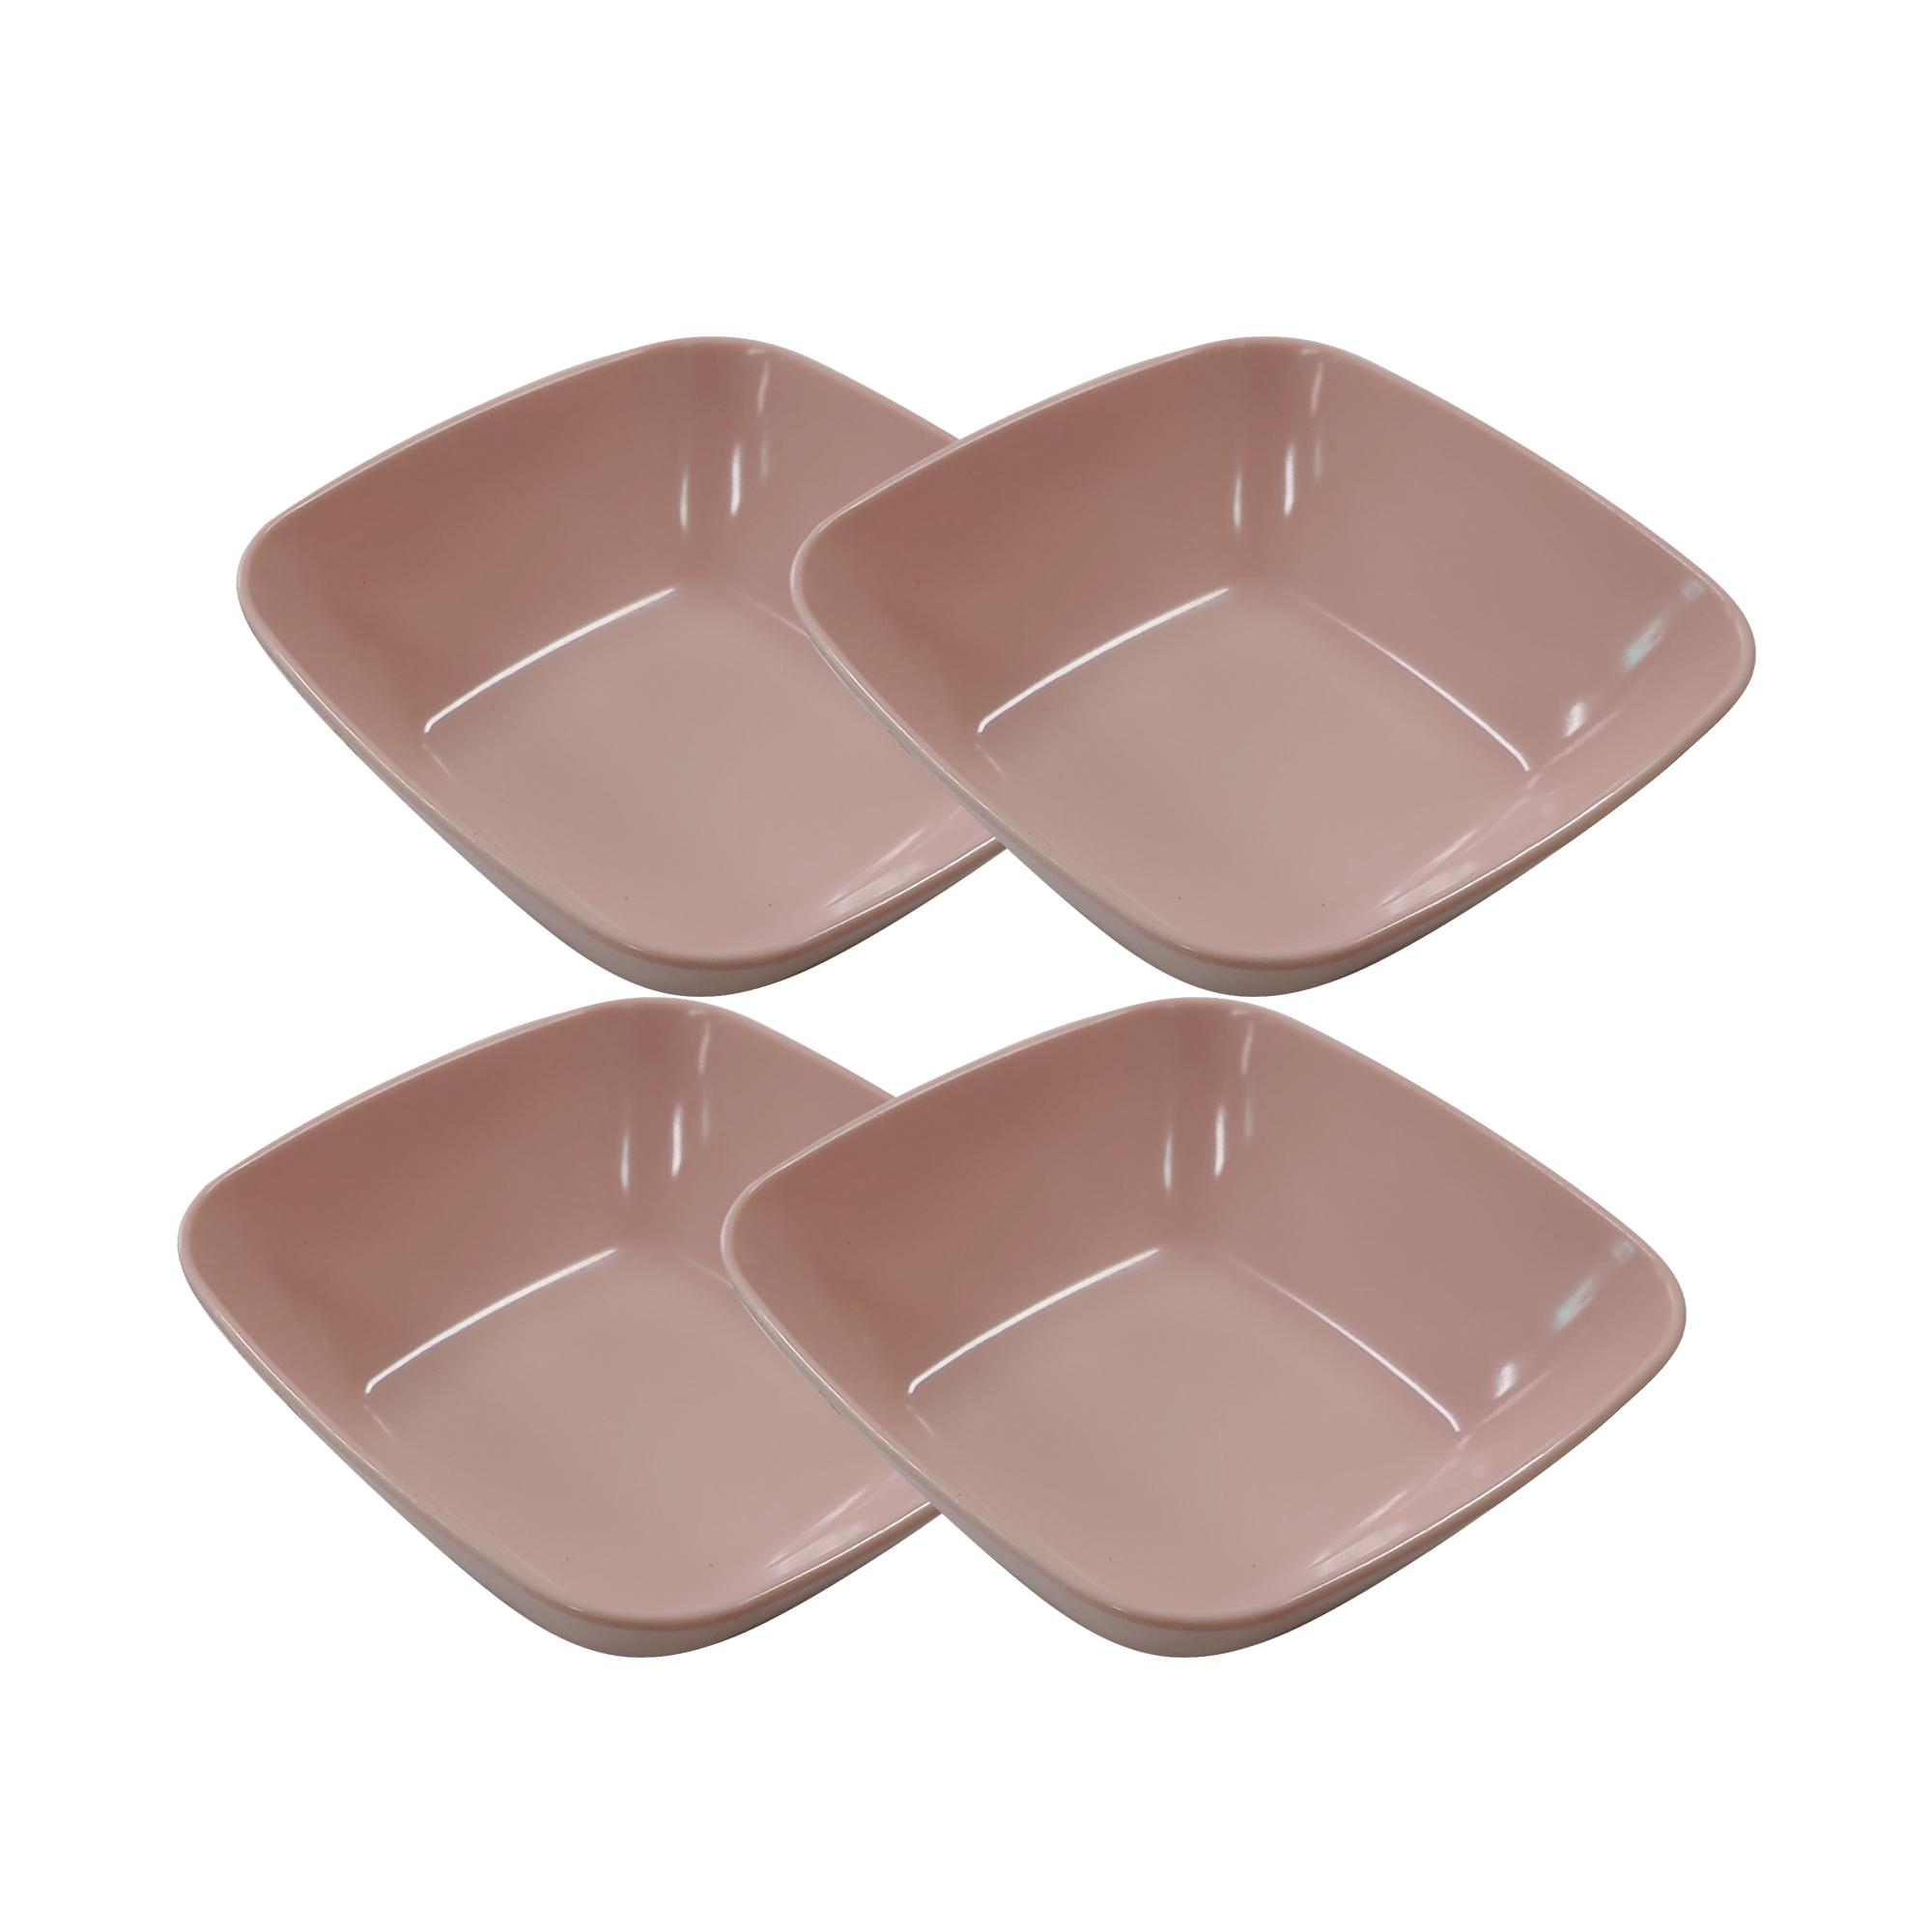 키친웨어 사각 샐러드볼, 핑크, 4개